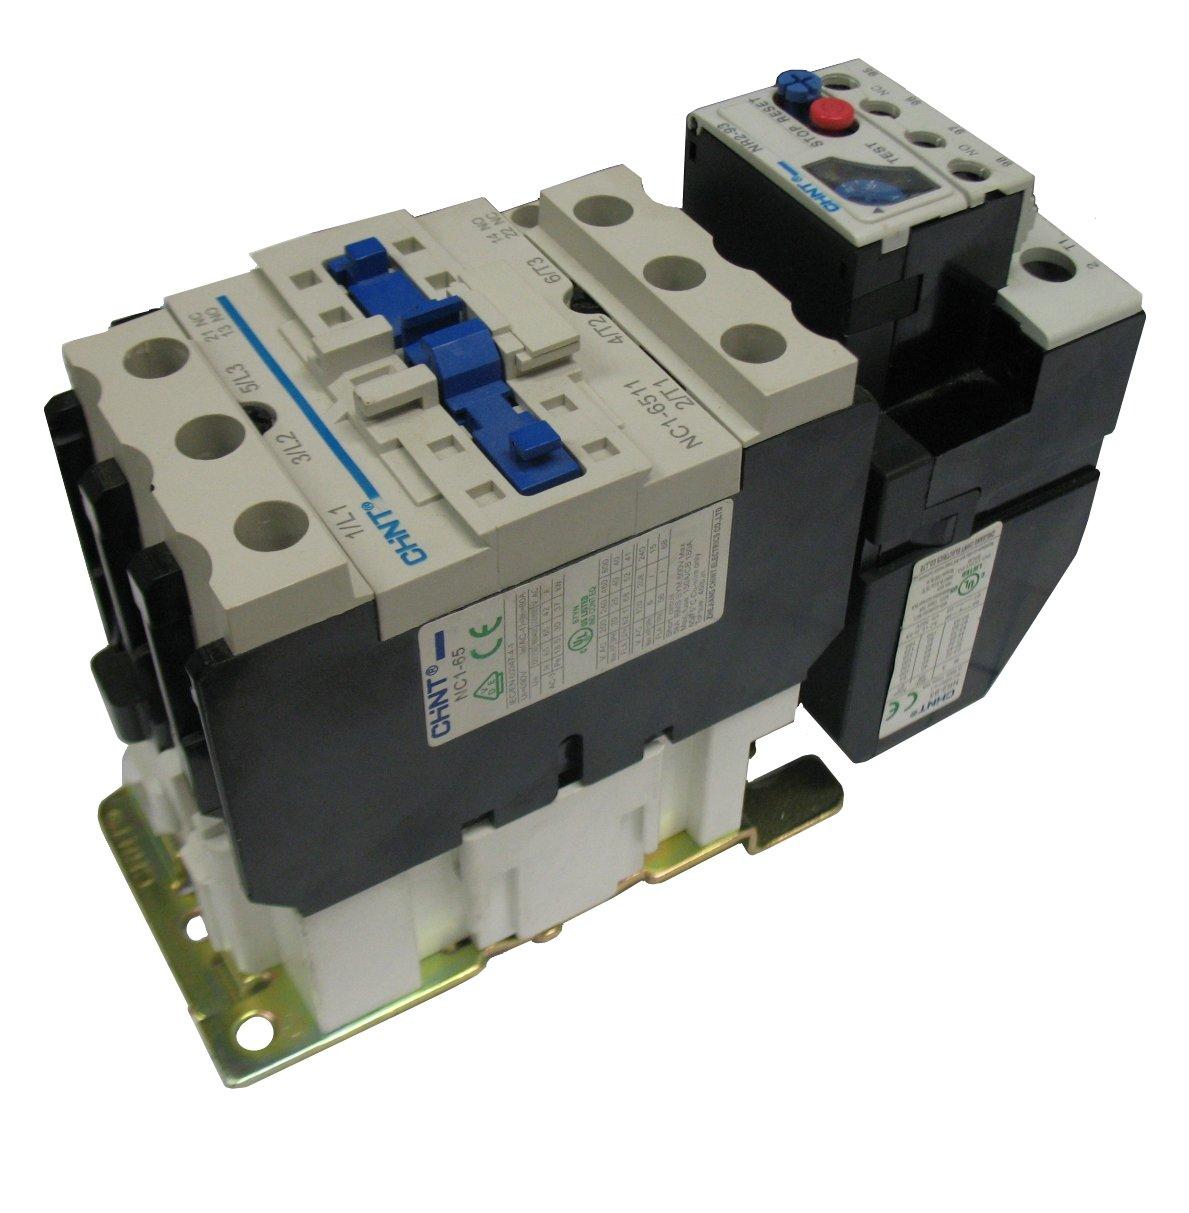 hight resolution of 240 3 phase schneider contactor wiring